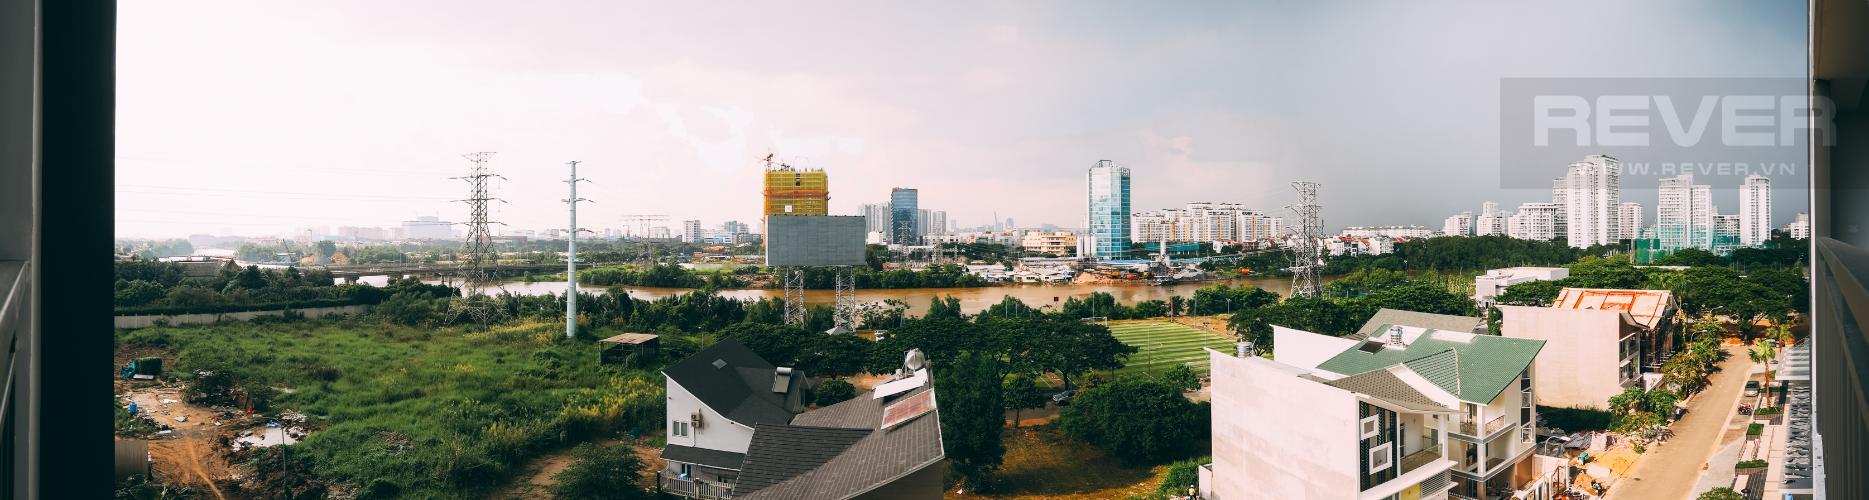 View Bán căn hộ Sunrise Riverside, tầng 14, 3PN, view đẹp